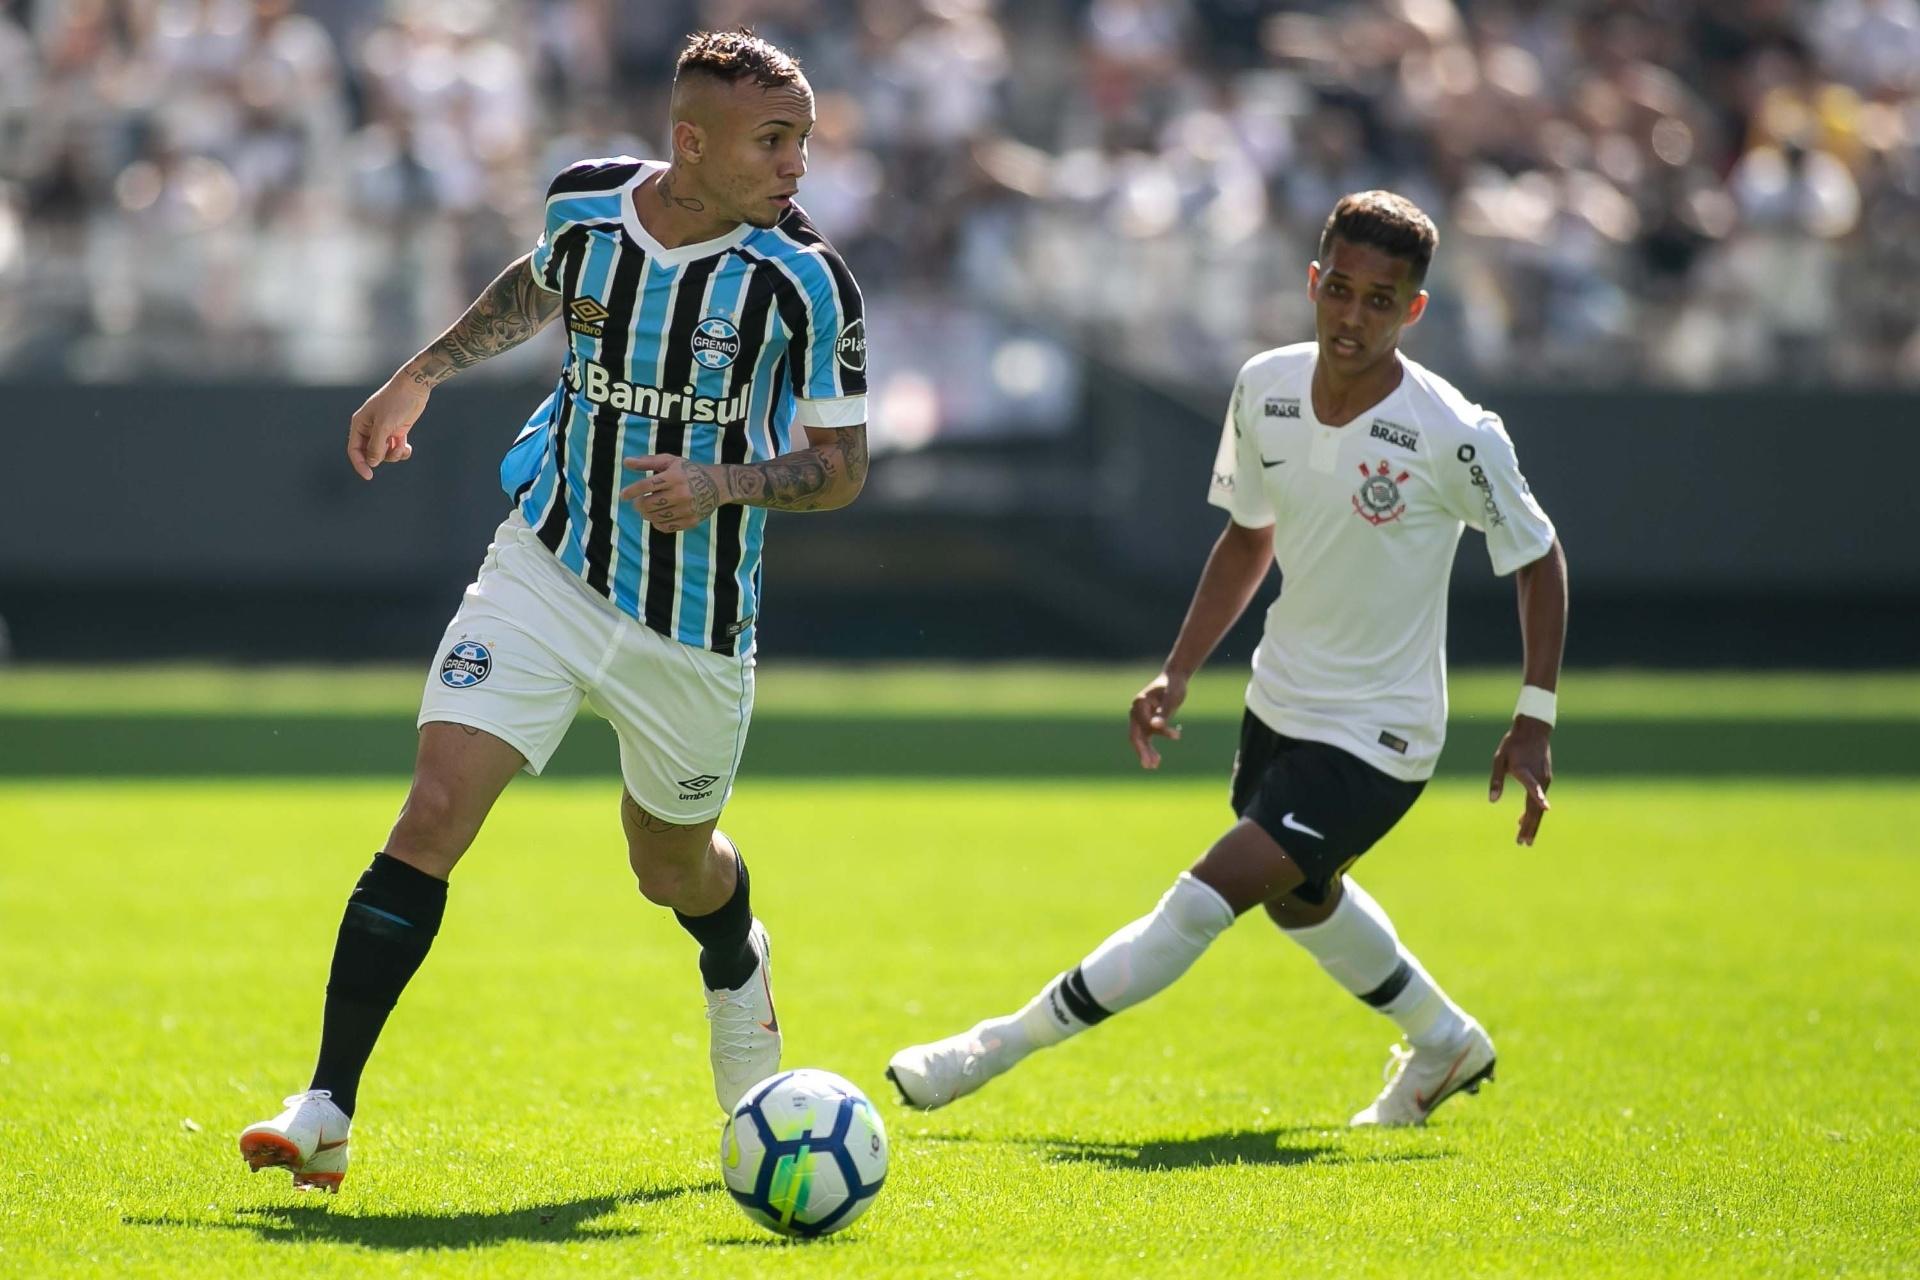 Corinthians vira com reservas e vence amistoso contra o Grêmio - Esporte -  BOL 5e2b7de76259e